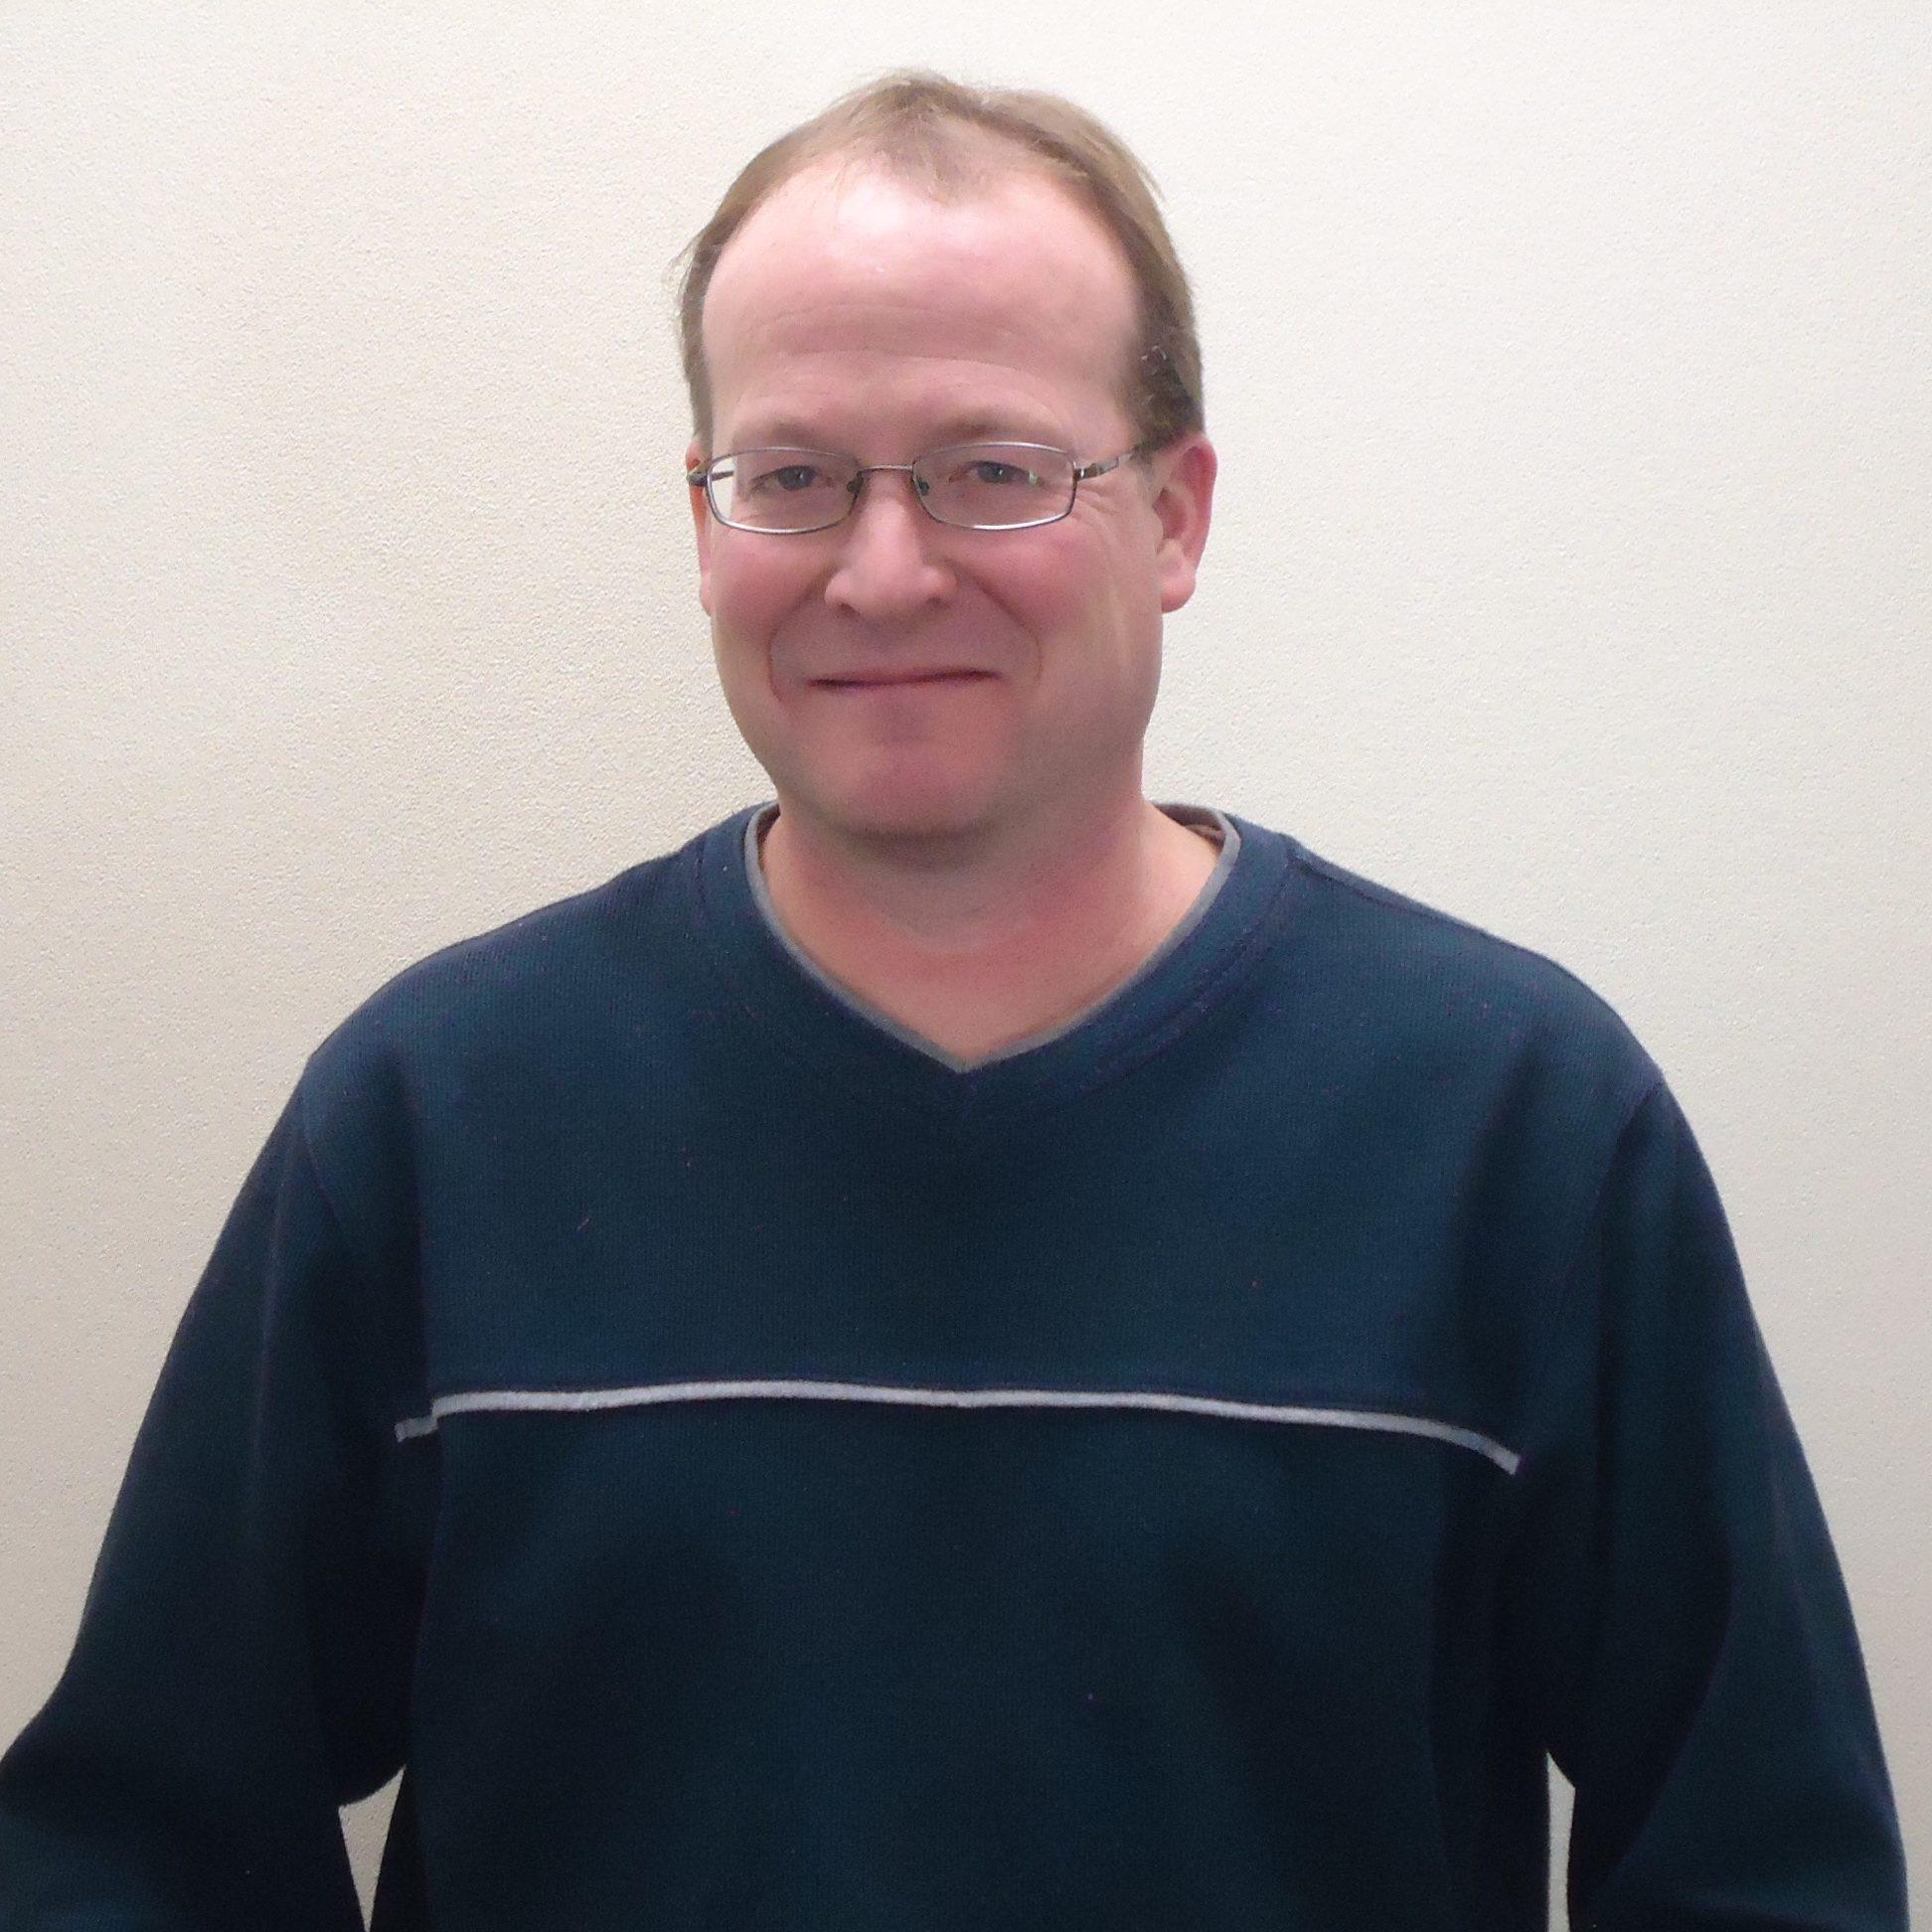 Tristan Lundgren